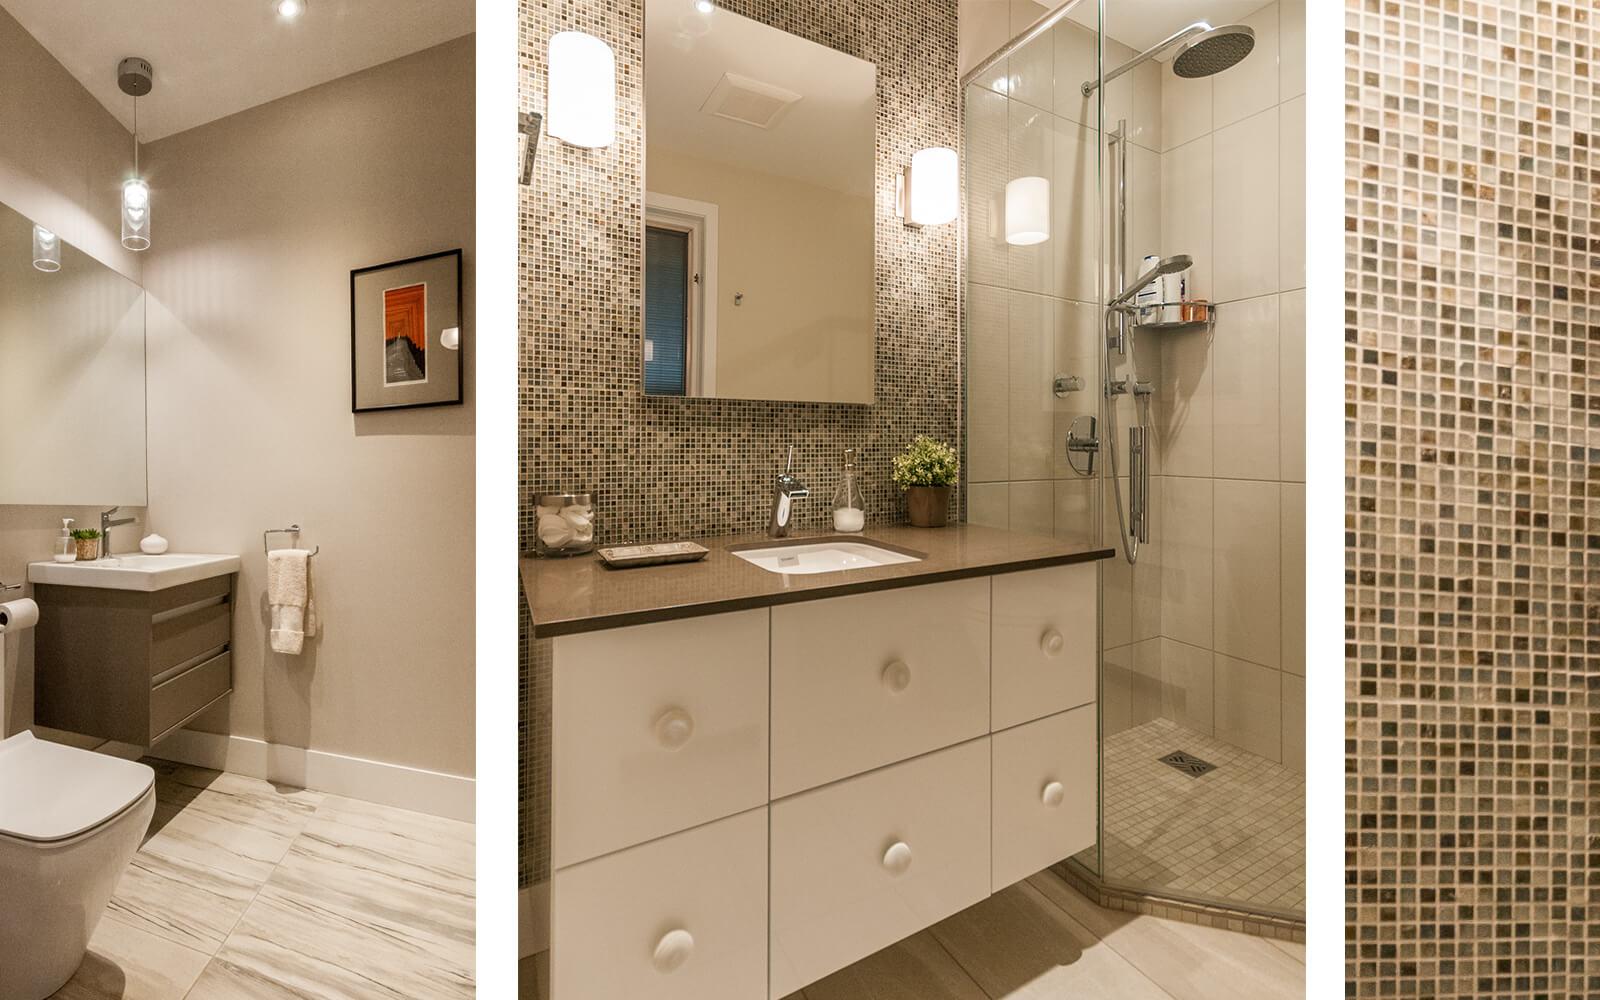 Décoration salle de bain détail céramique